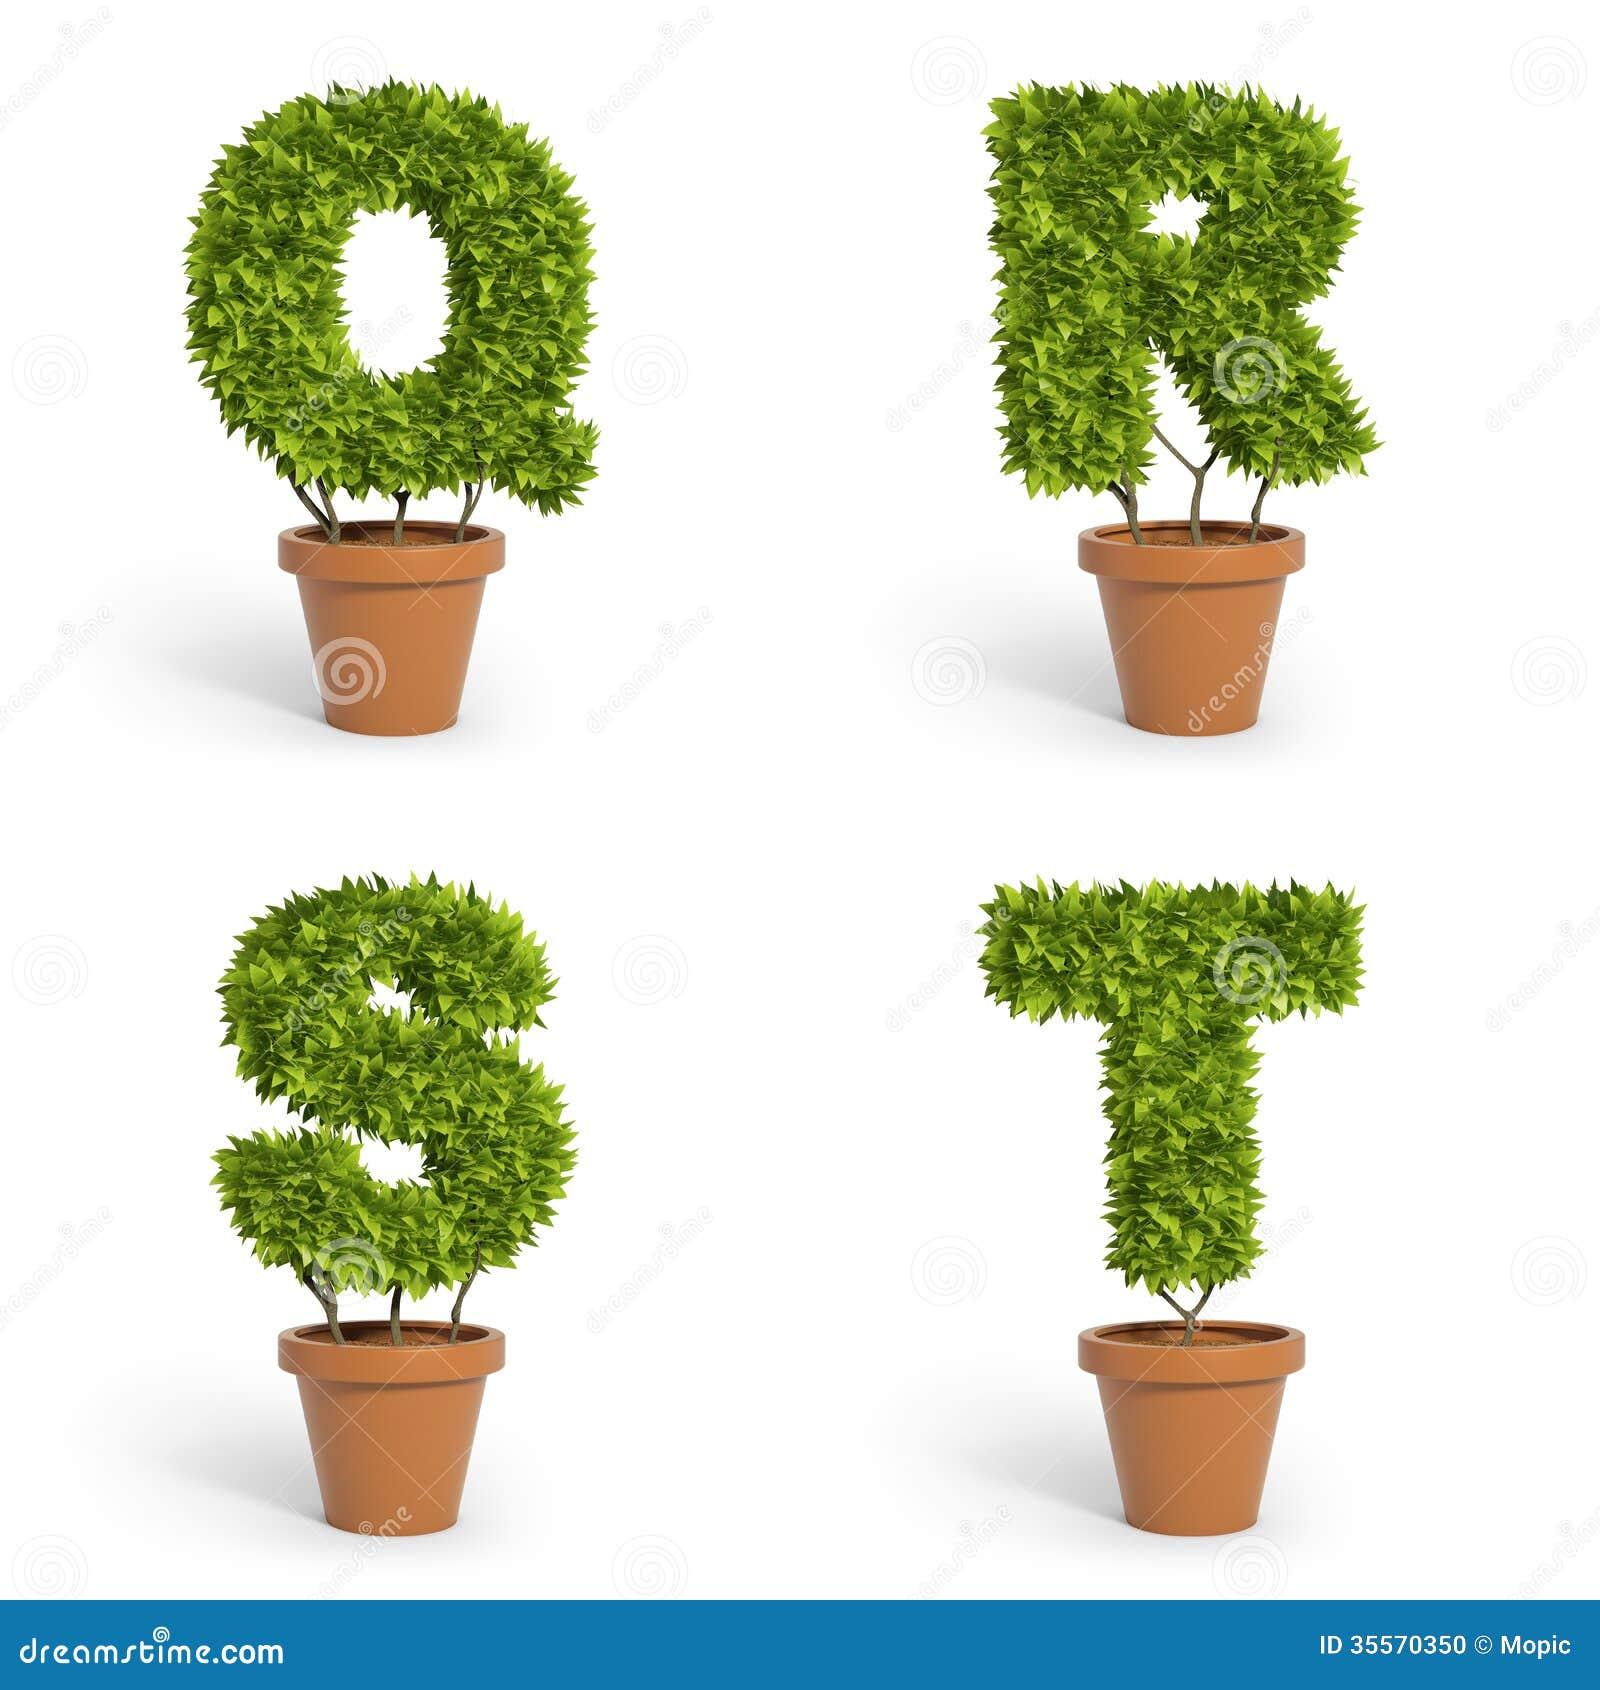 3d Font Pot Plants Stock Photo Image 35570350